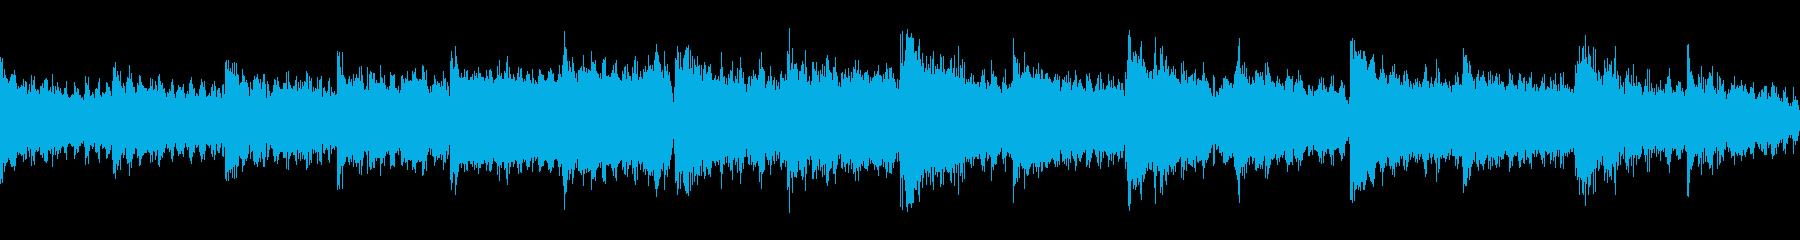 不気味で静かなホラー系BGM(和風)の再生済みの波形